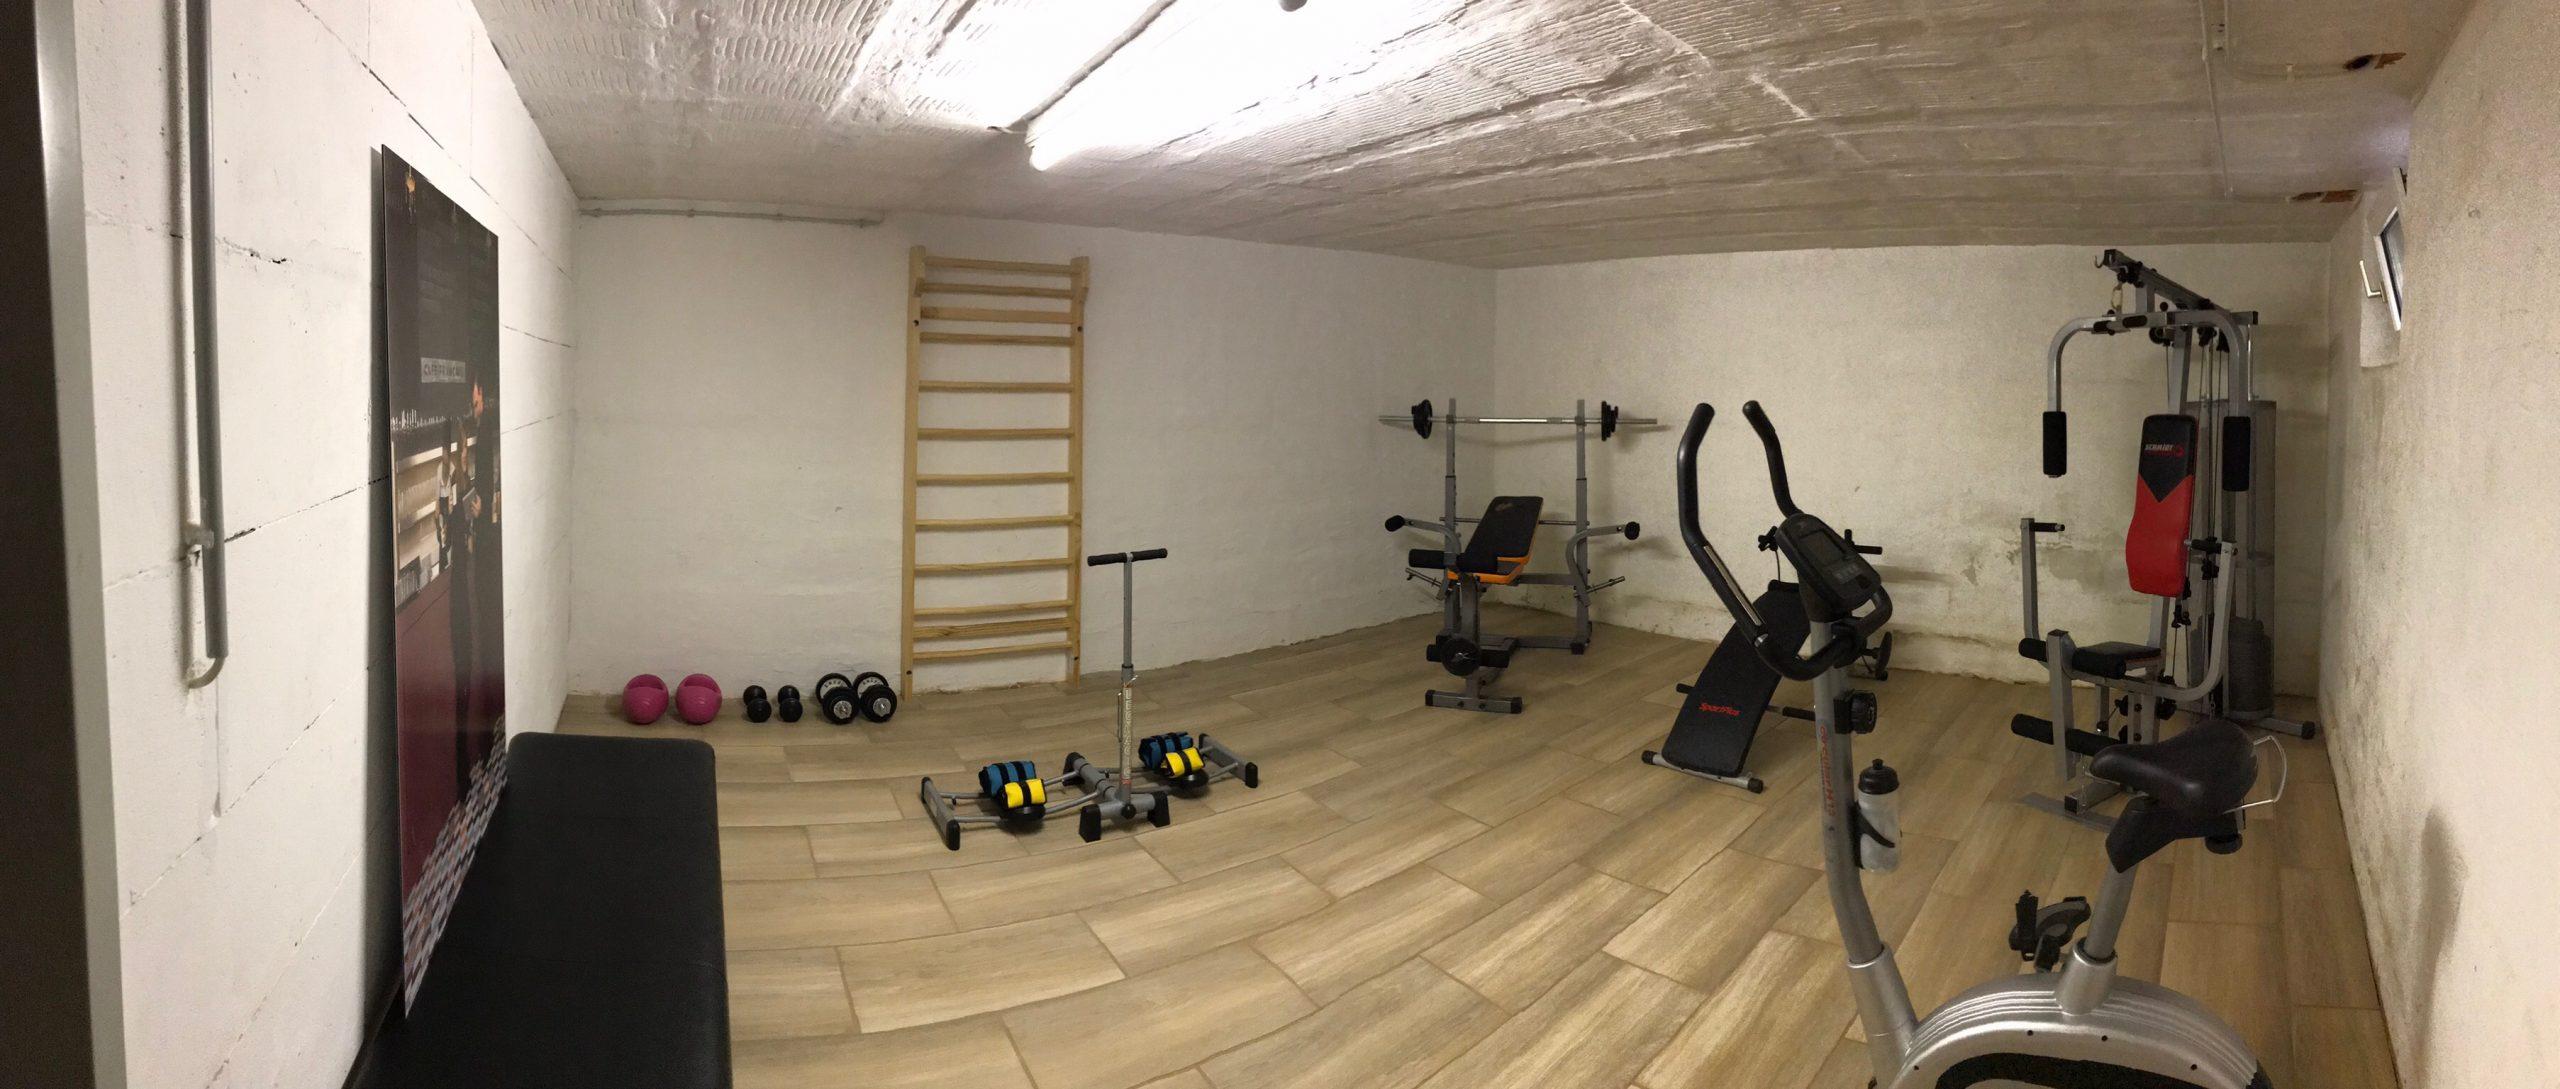 Schwitzen im Keller: Fitnessraum einrichten  Die Fogiis